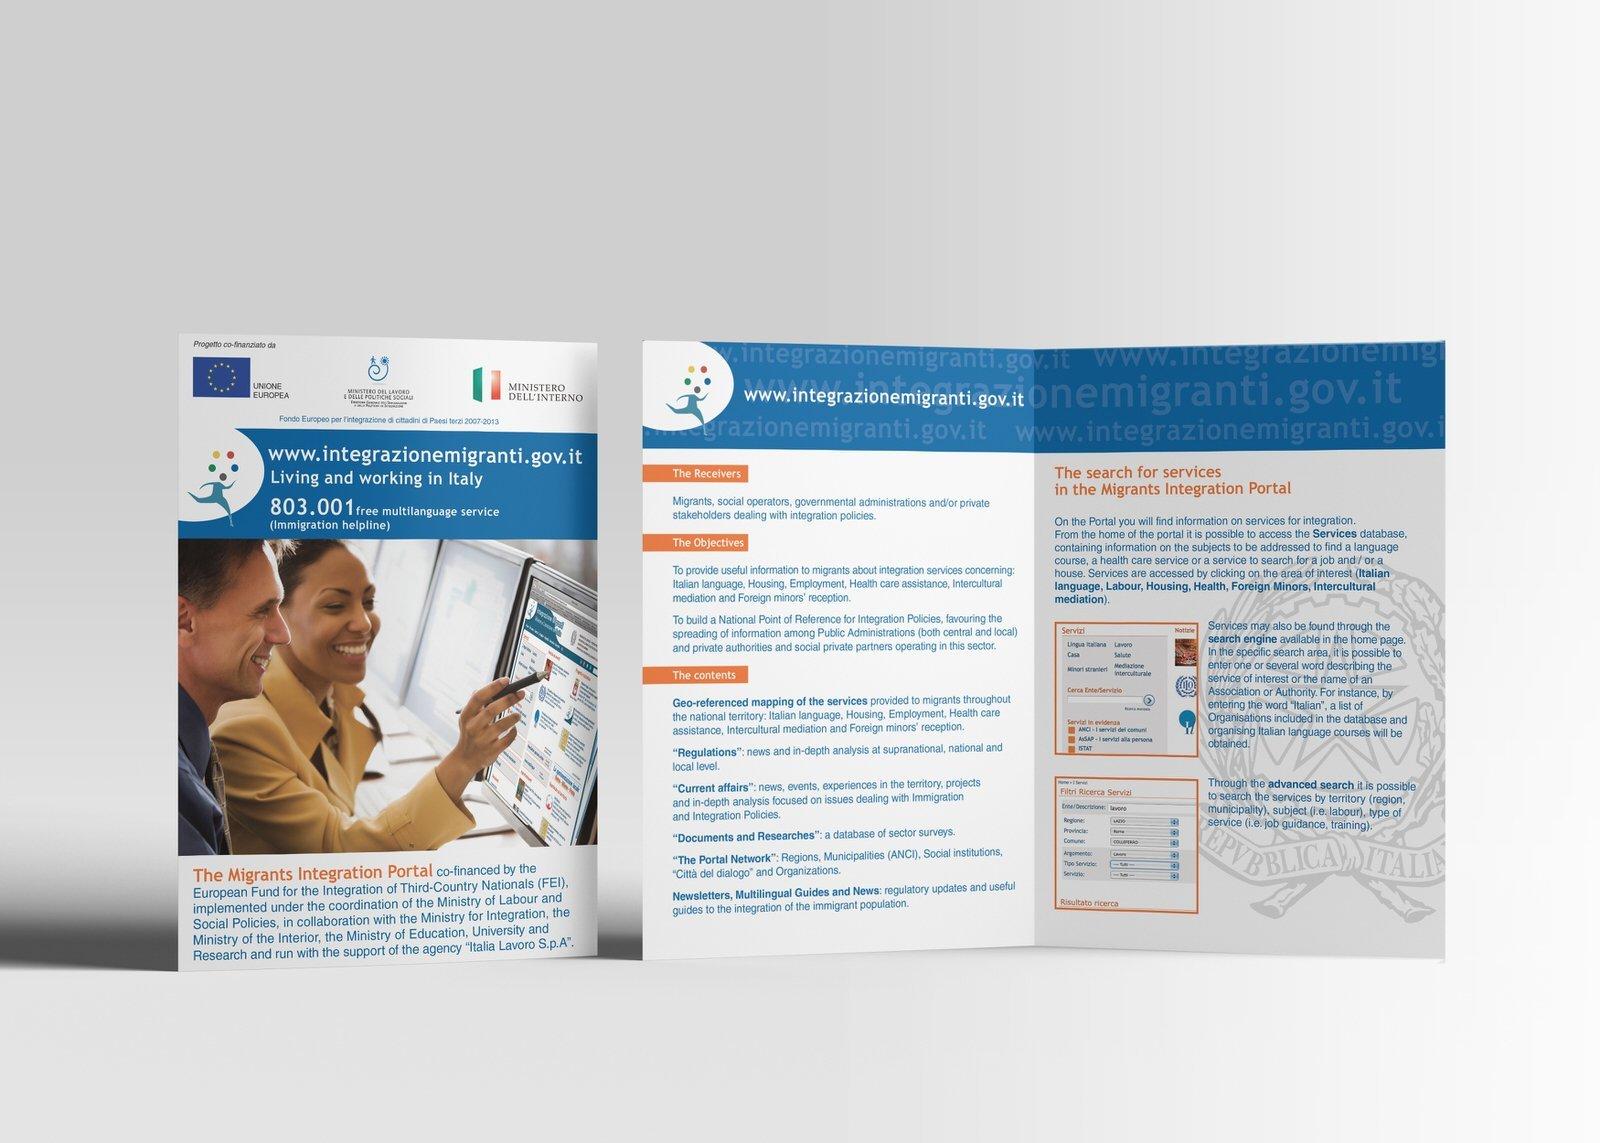 Progetto Integrazione Migranti